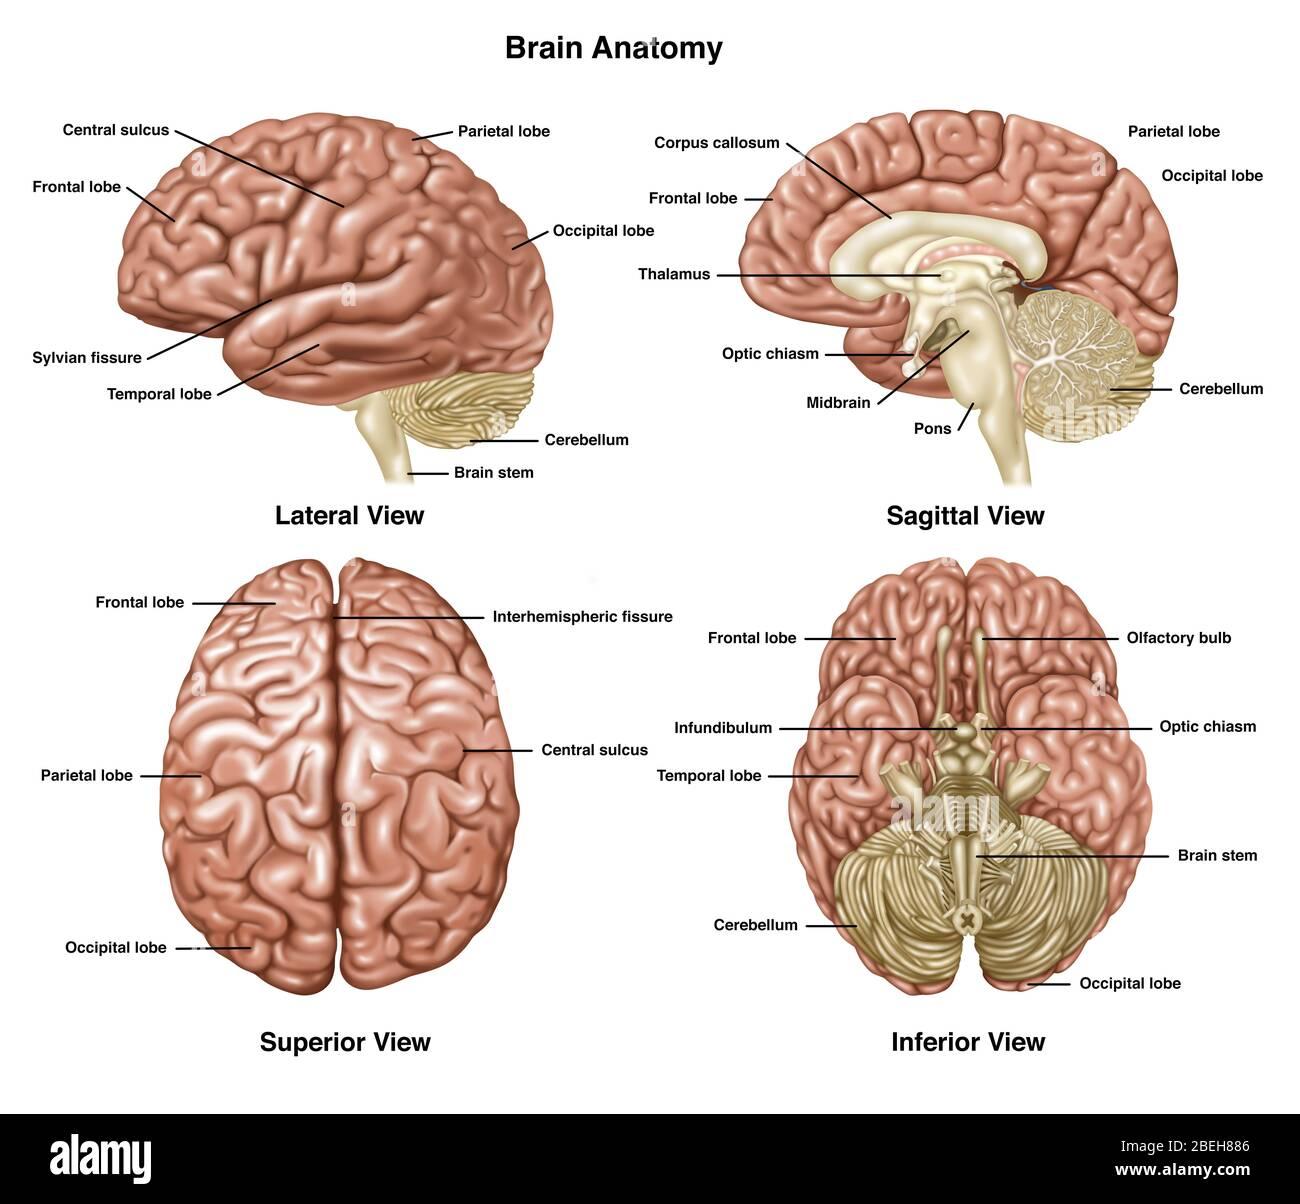 Medizinischer makroskopisc Anatomisches Gehirn Dissection Wörterbuch Kunstdruck